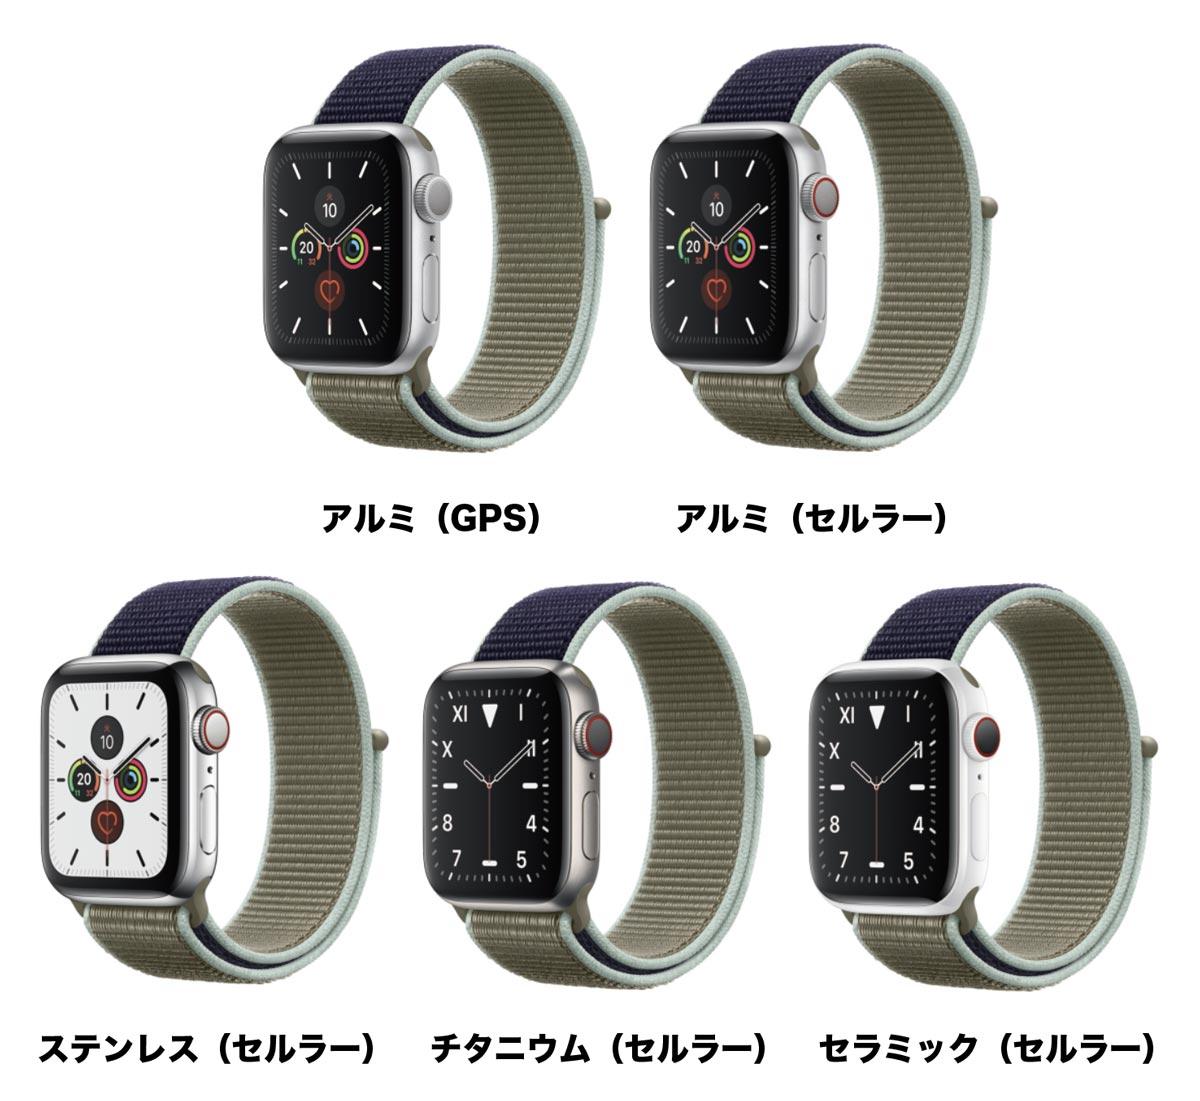 Apple Watch アルミケースとステンレスケース